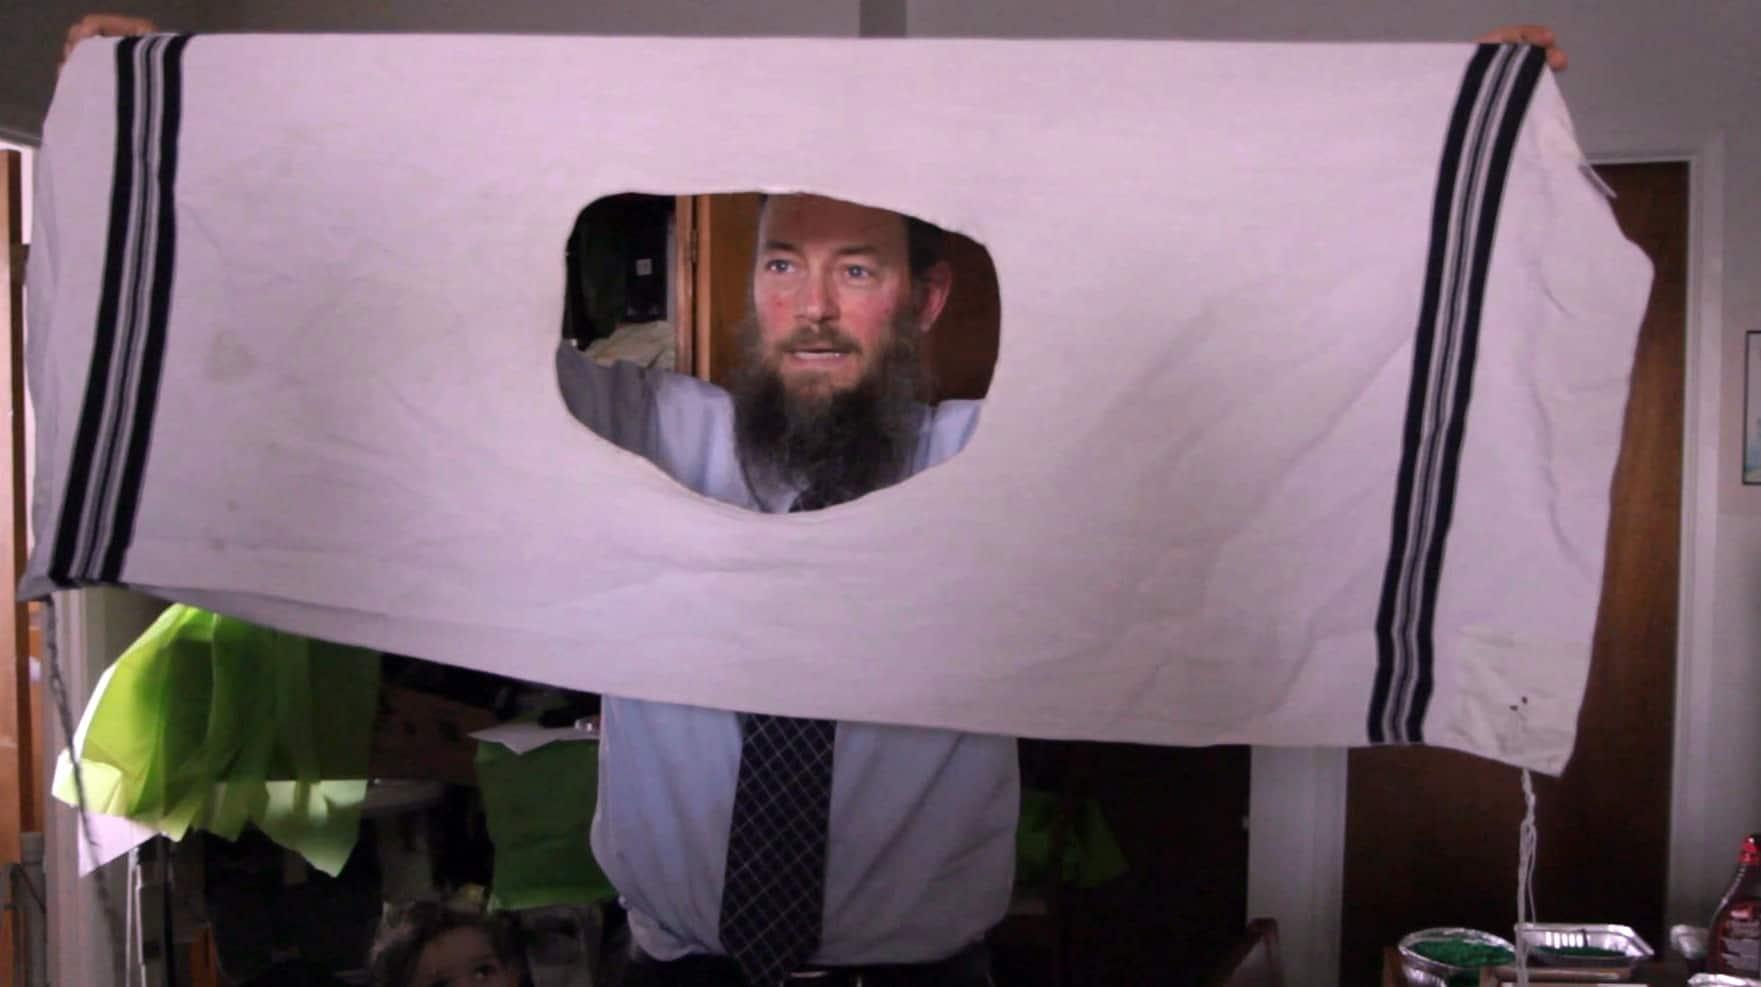 Sex through a hole in a sheet